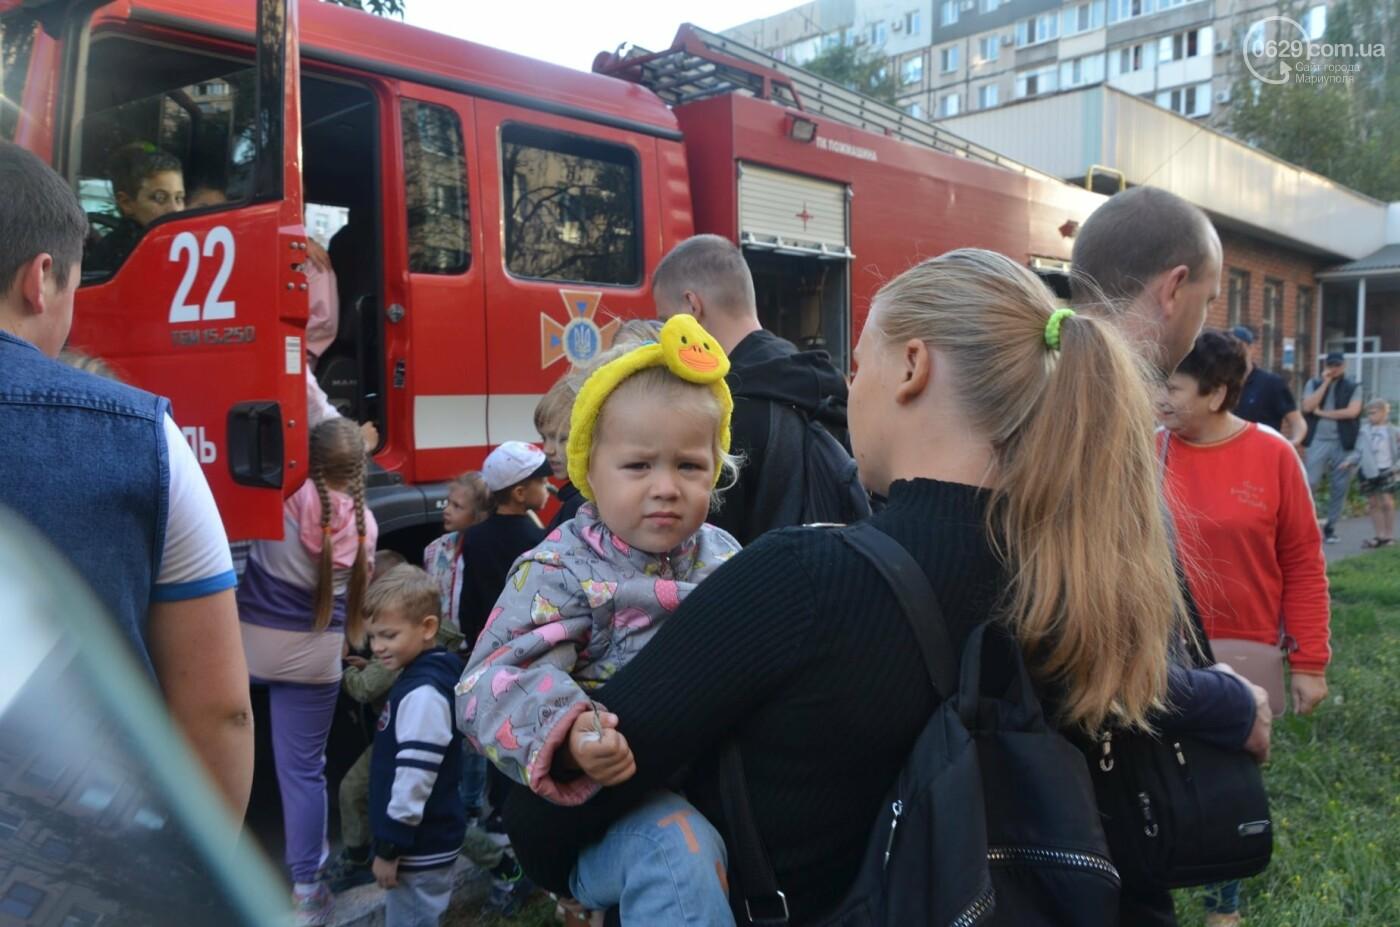 В Мариуполе отпраздновали День двора на пожарной машине, - ФОТО, фото-17